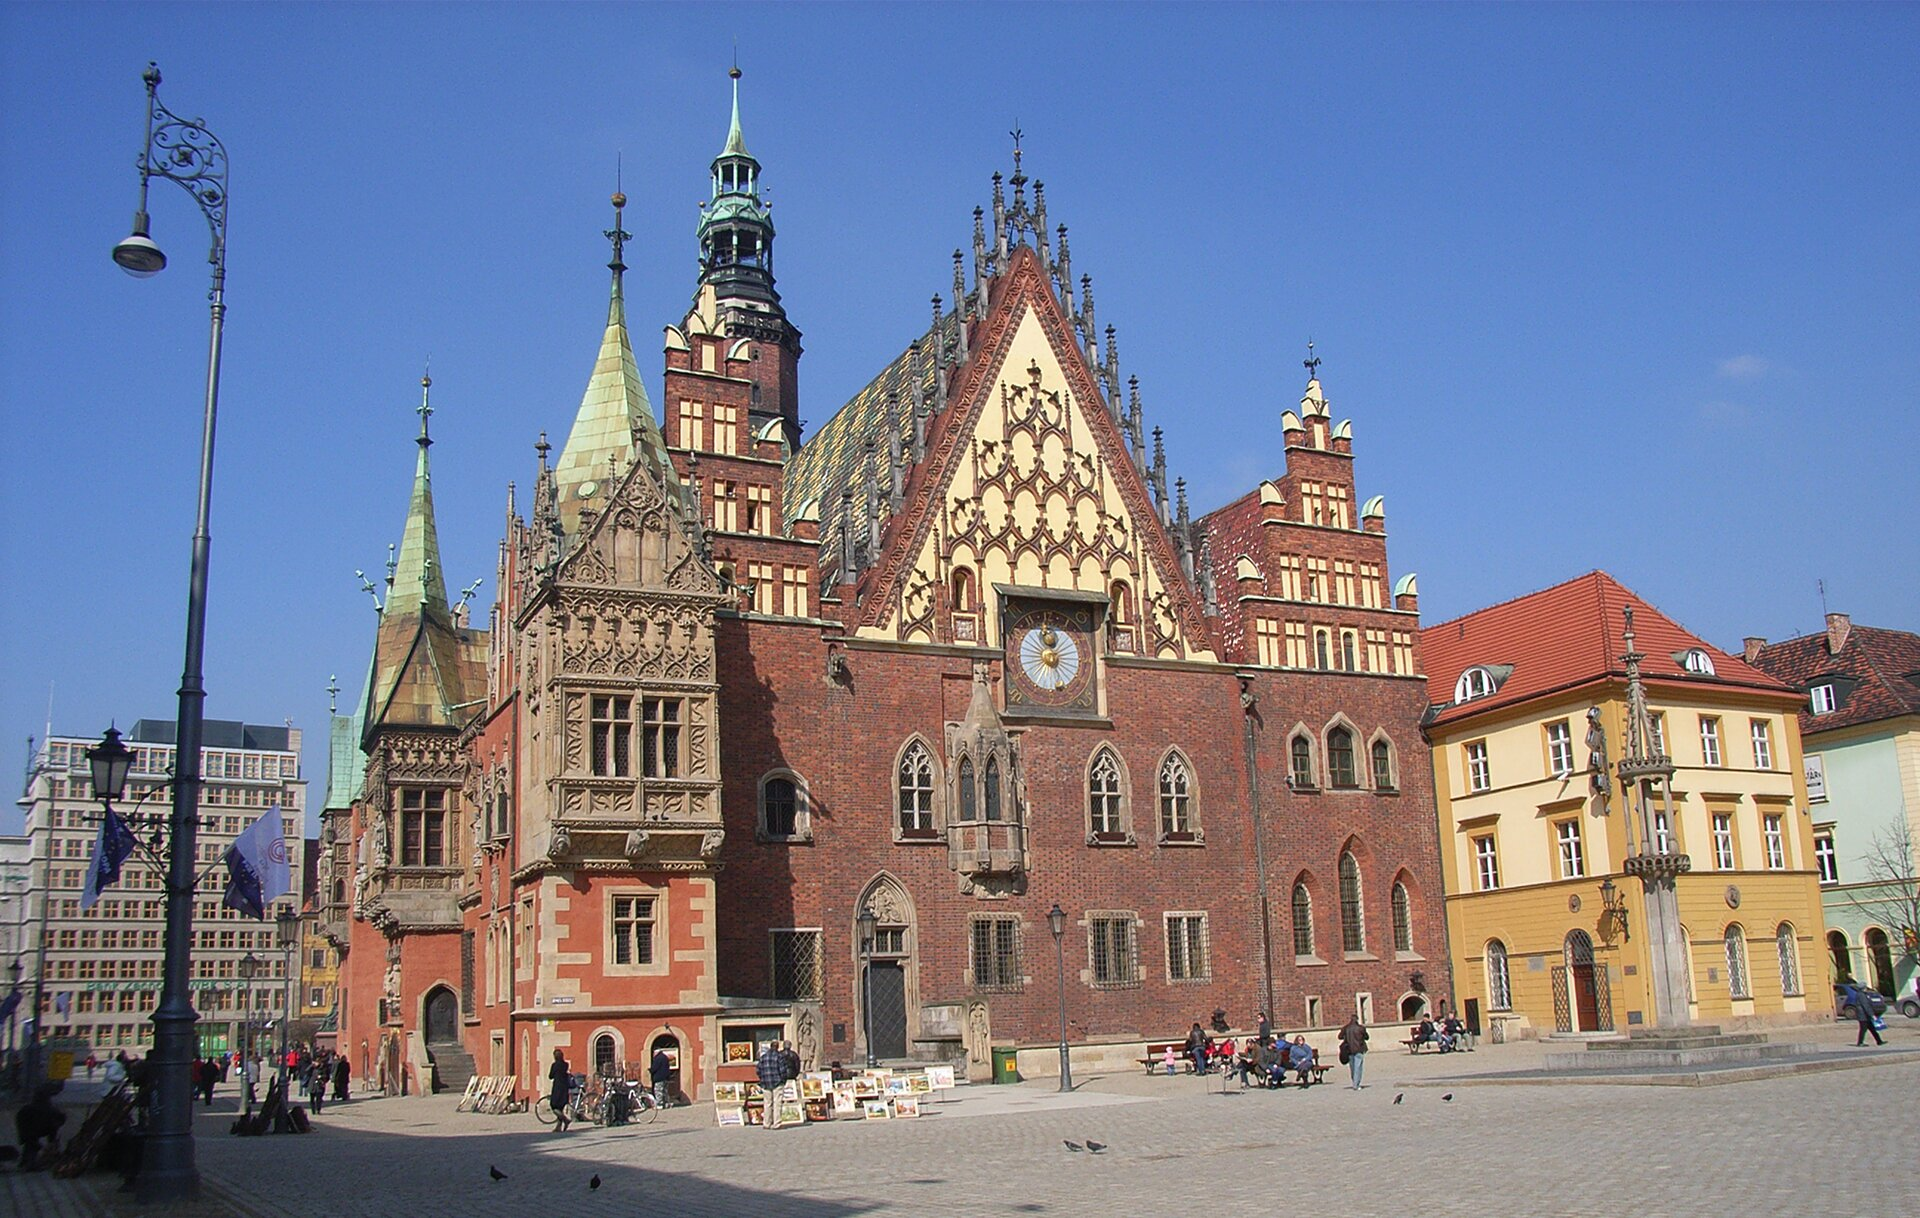 Stary Ratusz we Wrocławiu Stary Ratusz we Wrocławiu Źródło: Südstädter, Wikimedia Commons, licencja: CC BY 3.0.